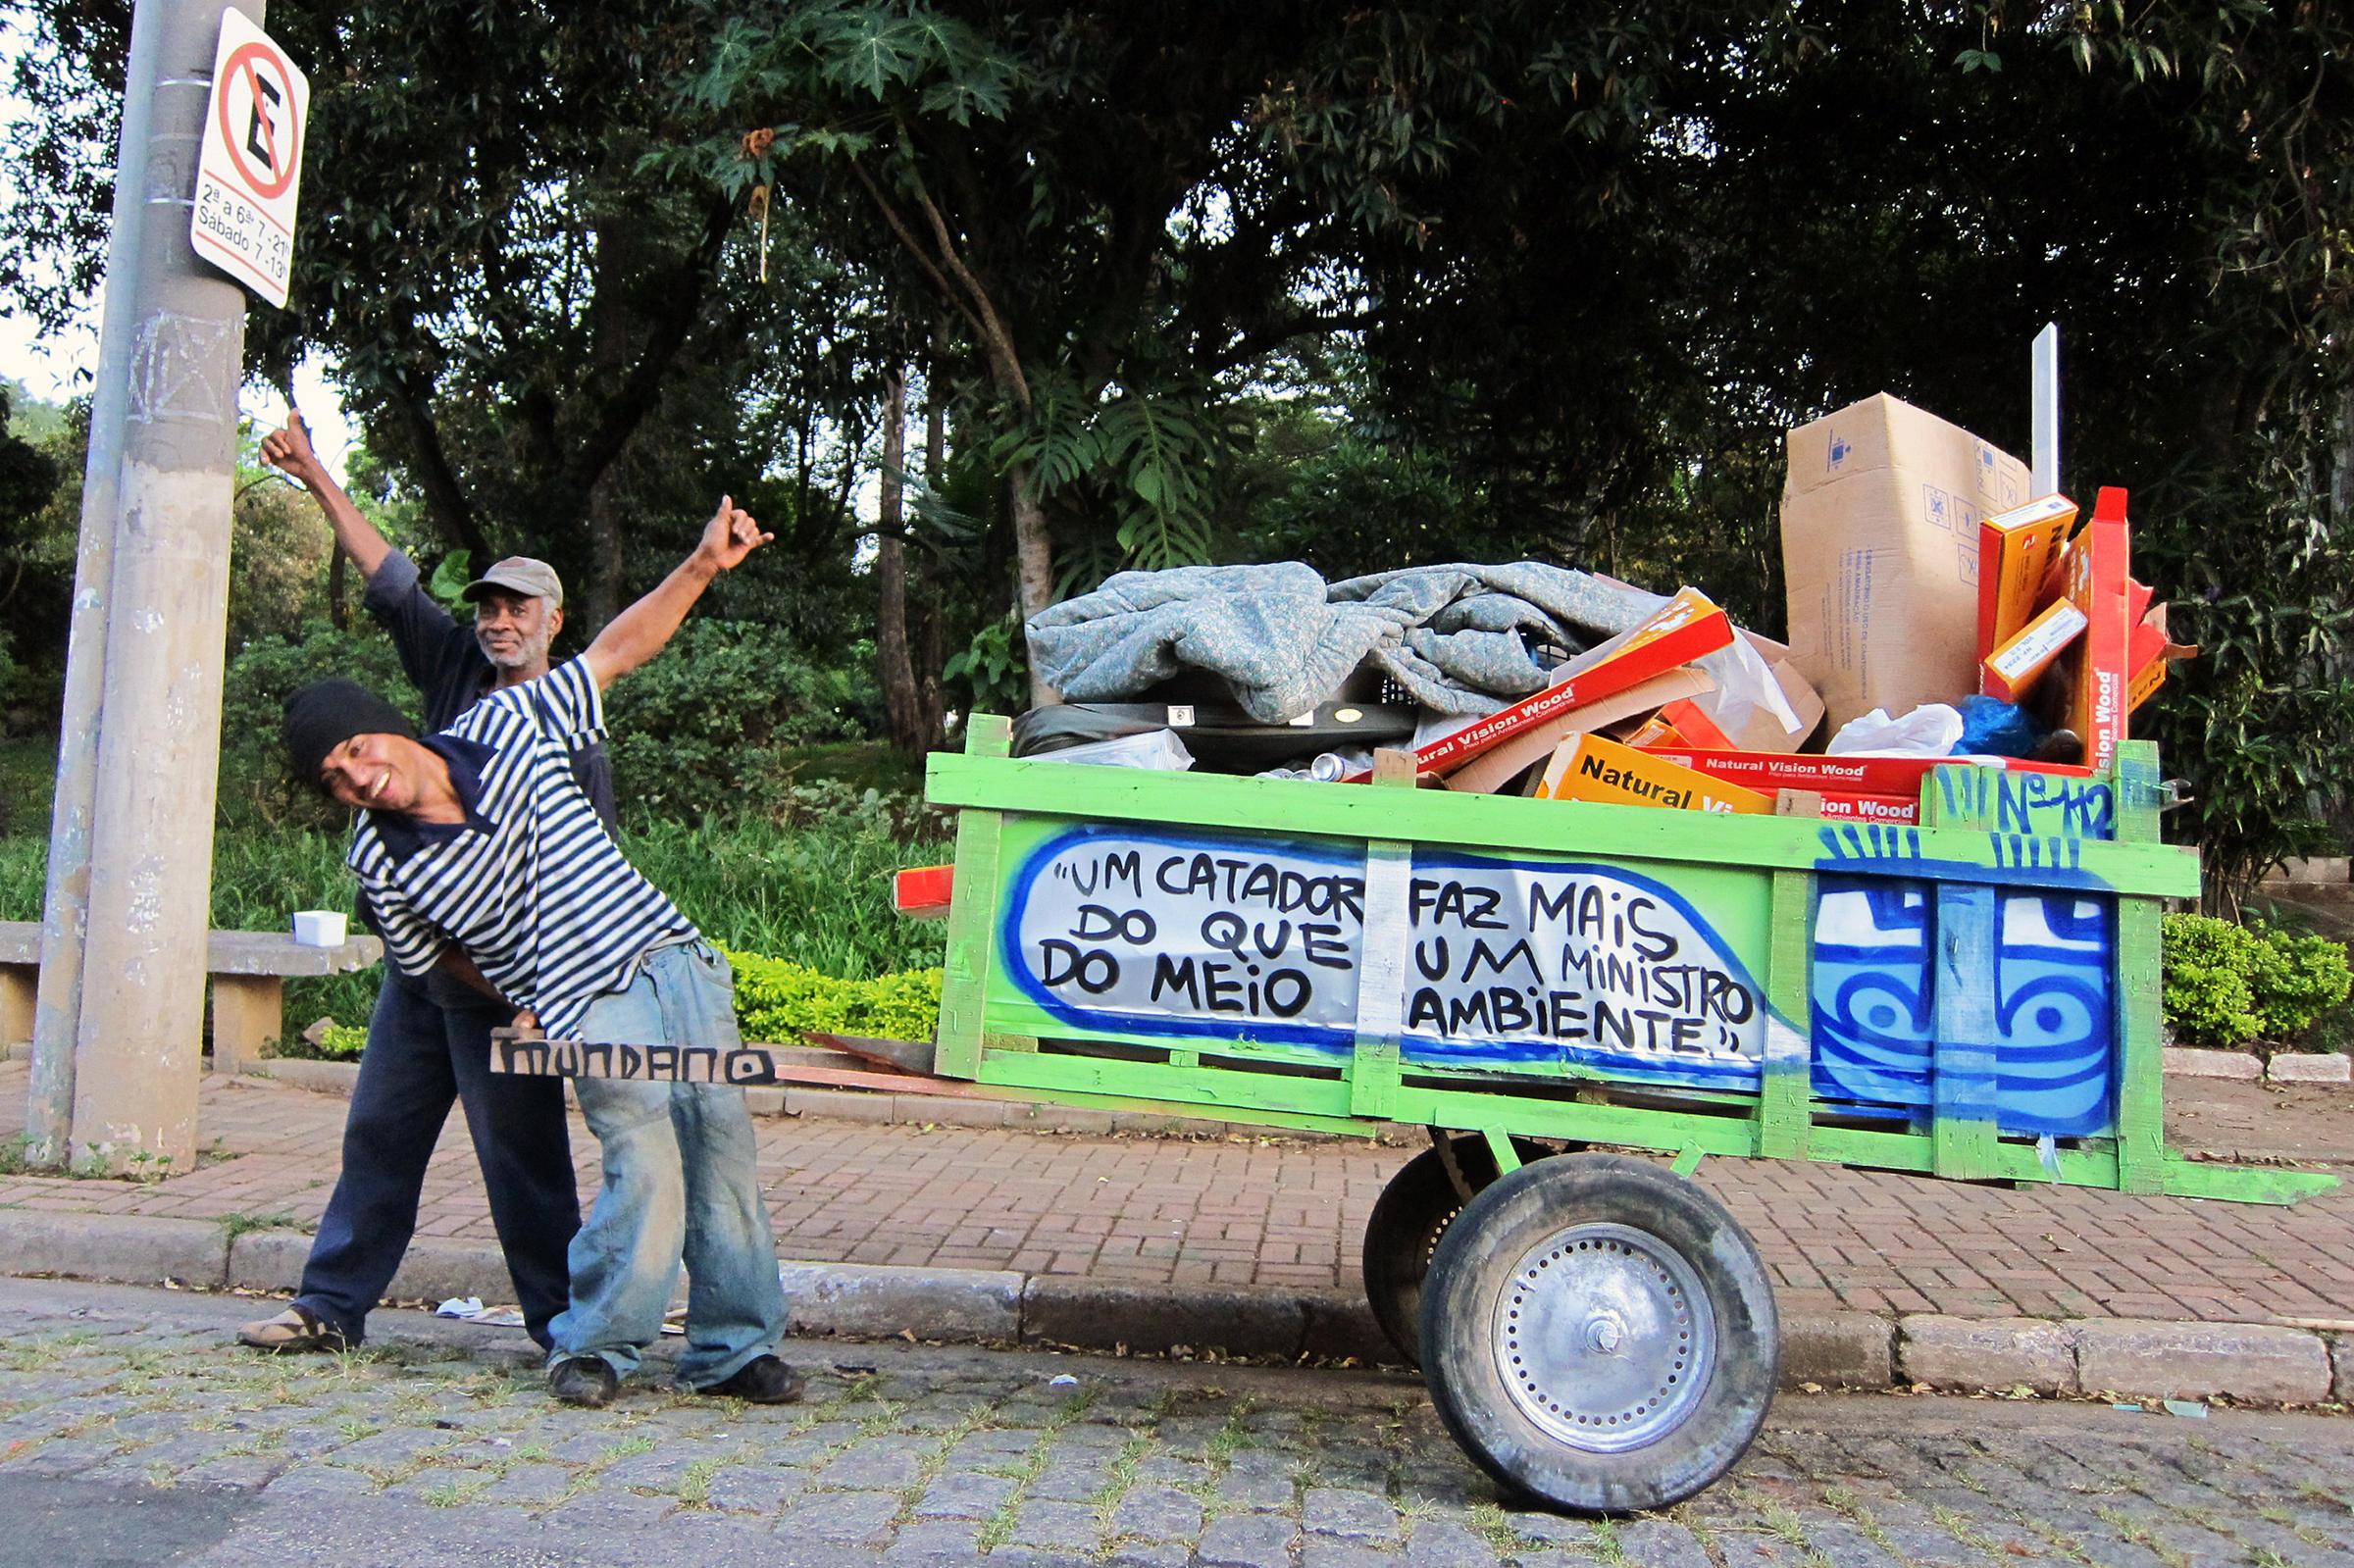 MTV Pimps Cars, Brazil Pimps Trash Carts | WAMC